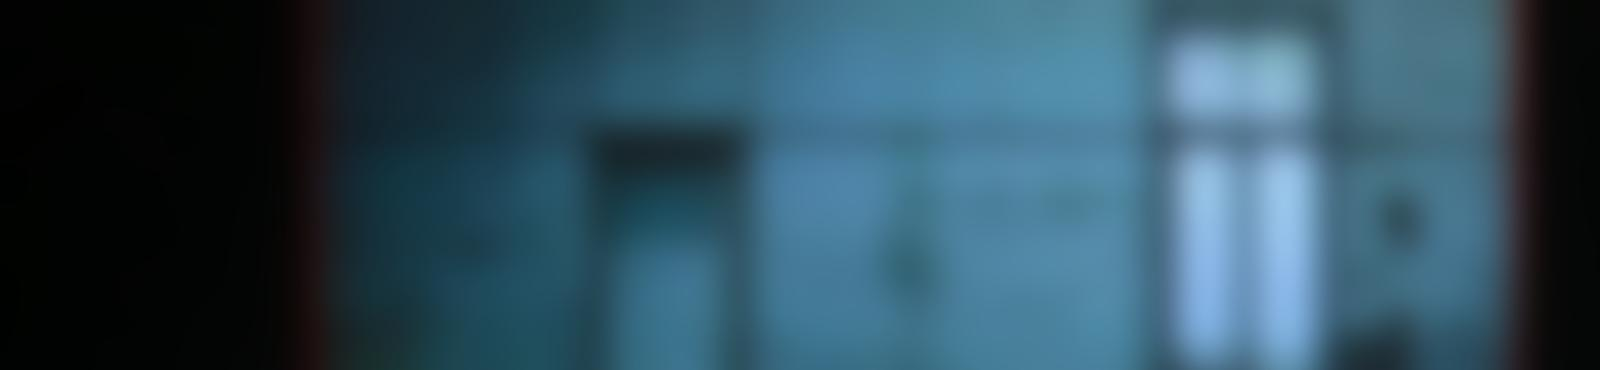 Blurred ad8e64c9 8473 40e9 8ede 457bcf50516f